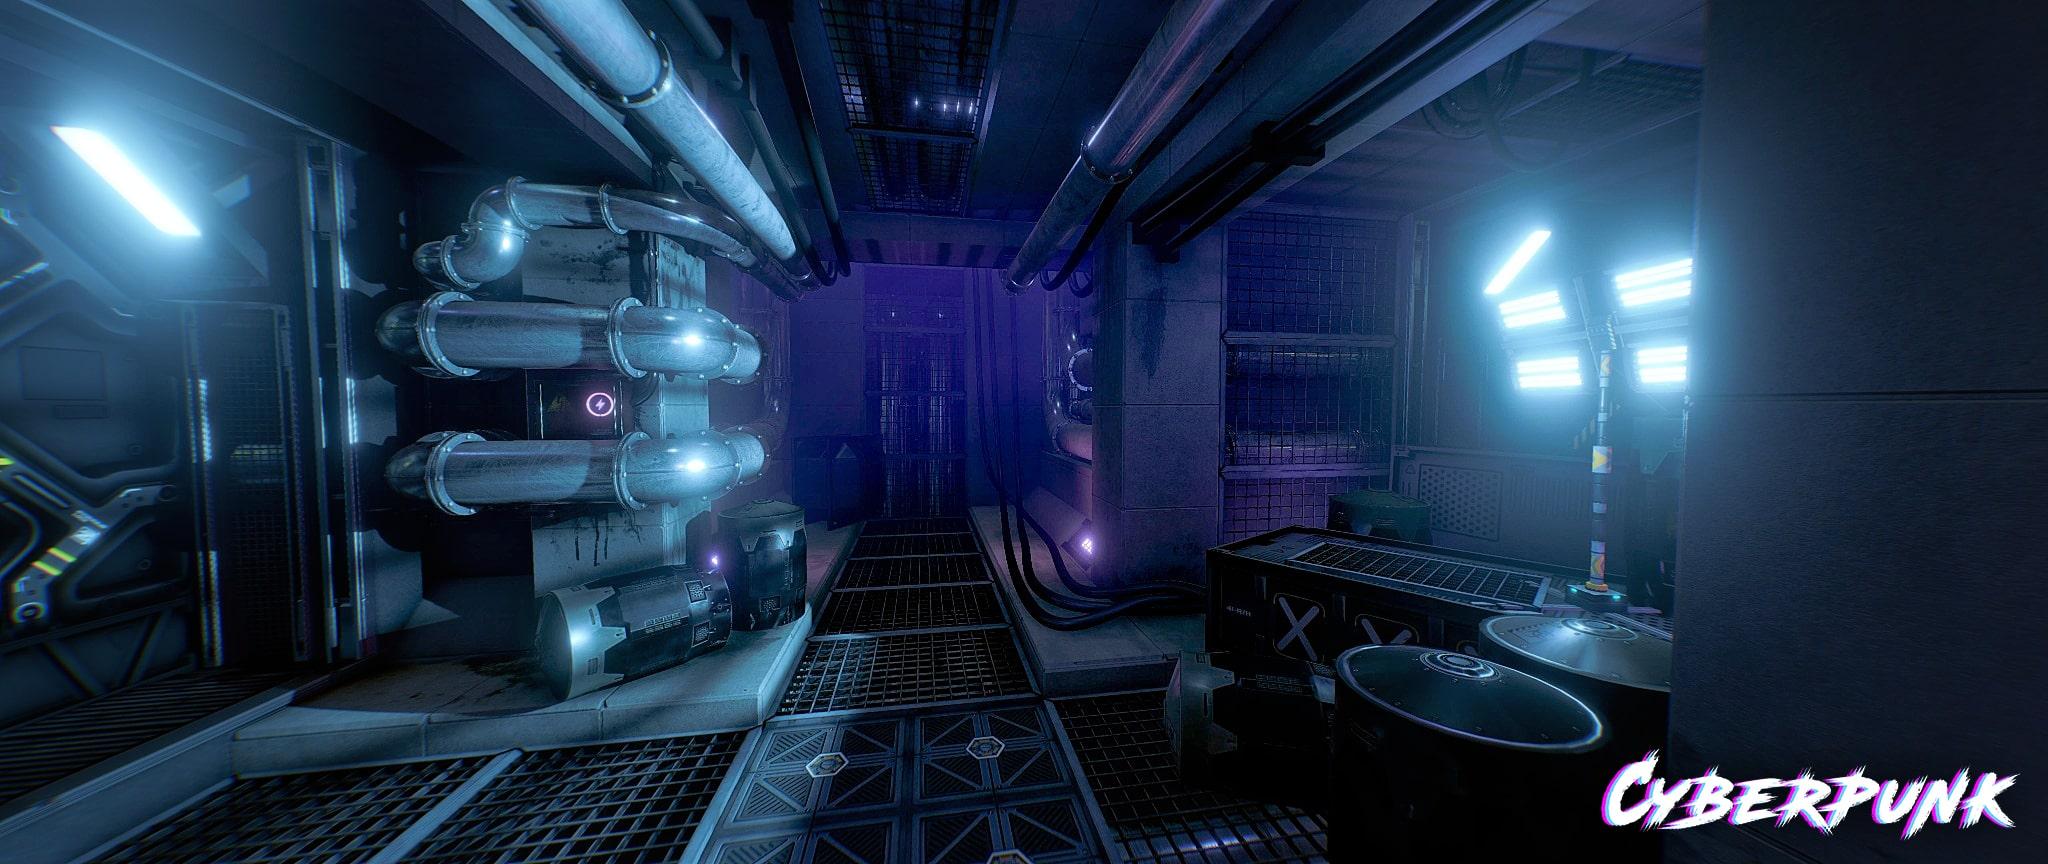 Cyberpunk 3